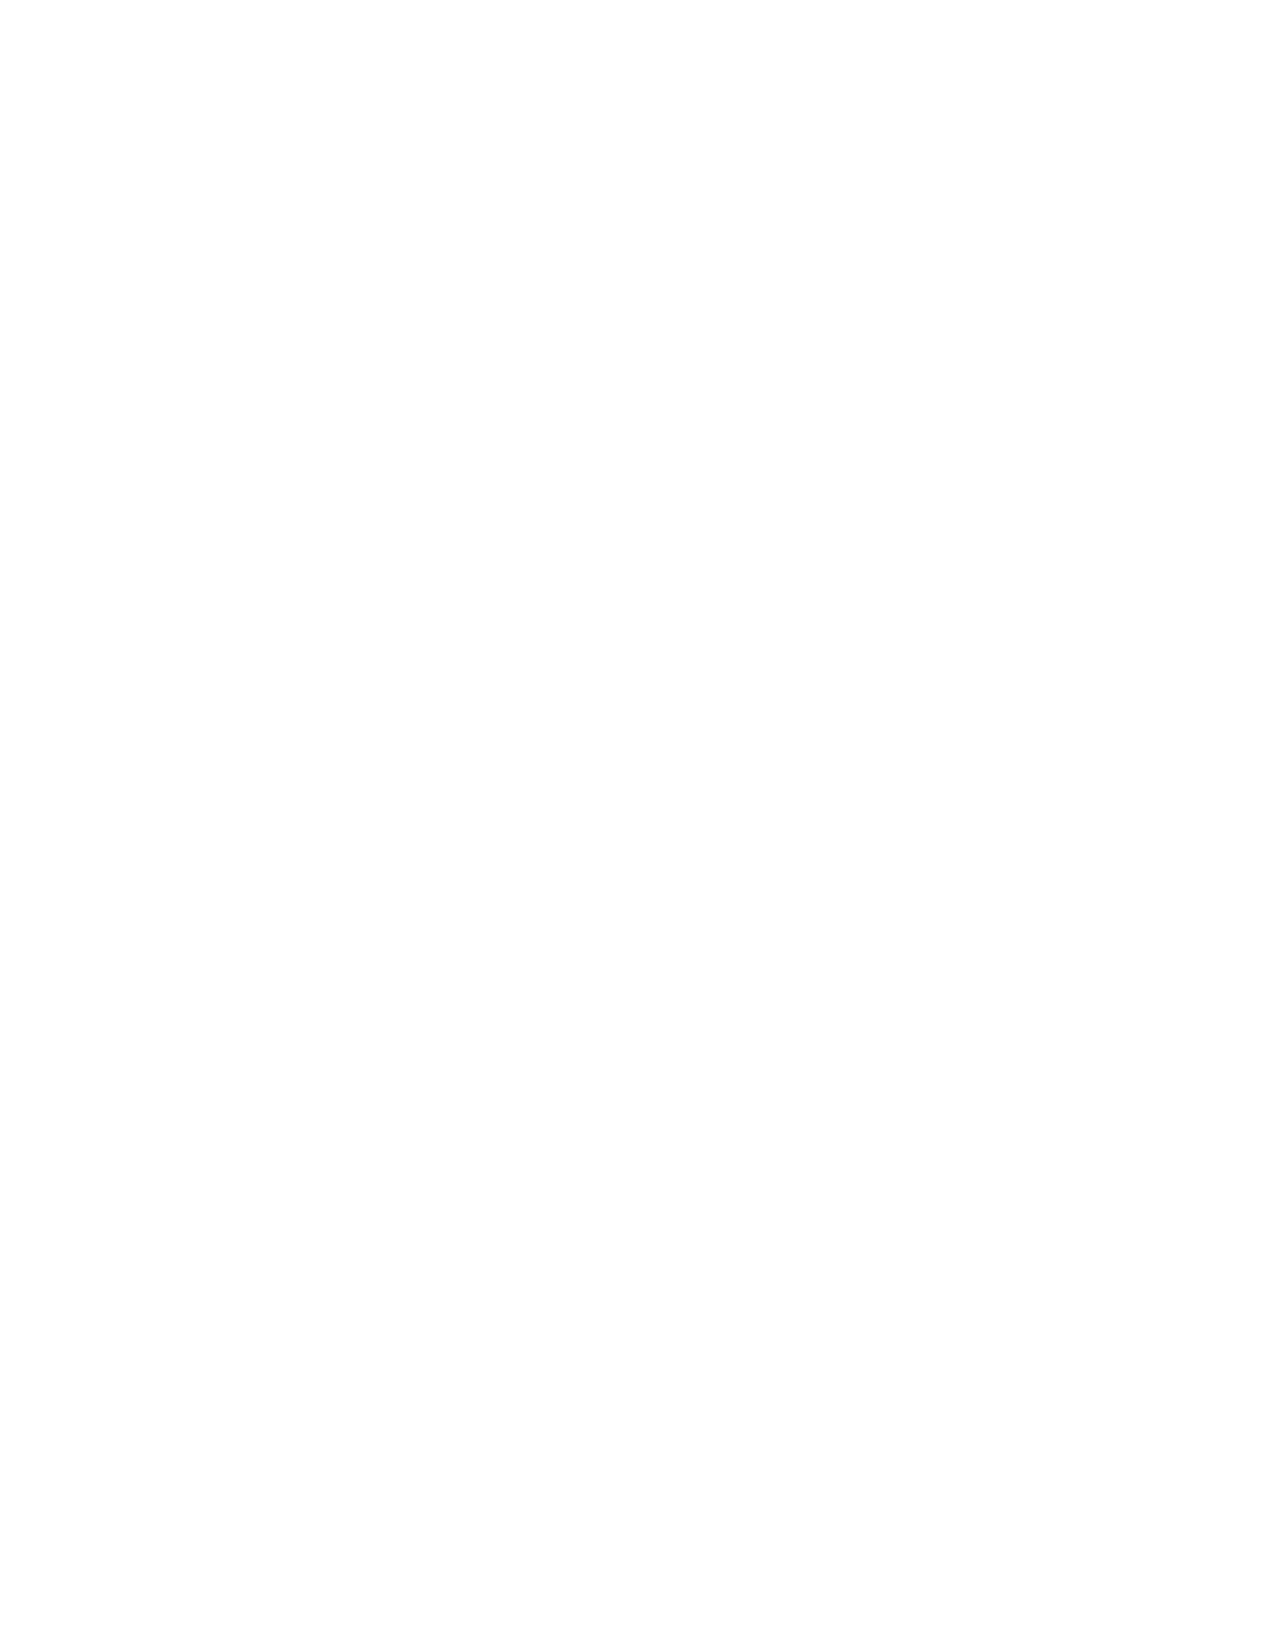 Kurzweil Music Keyboard K2600xs pdf page preview